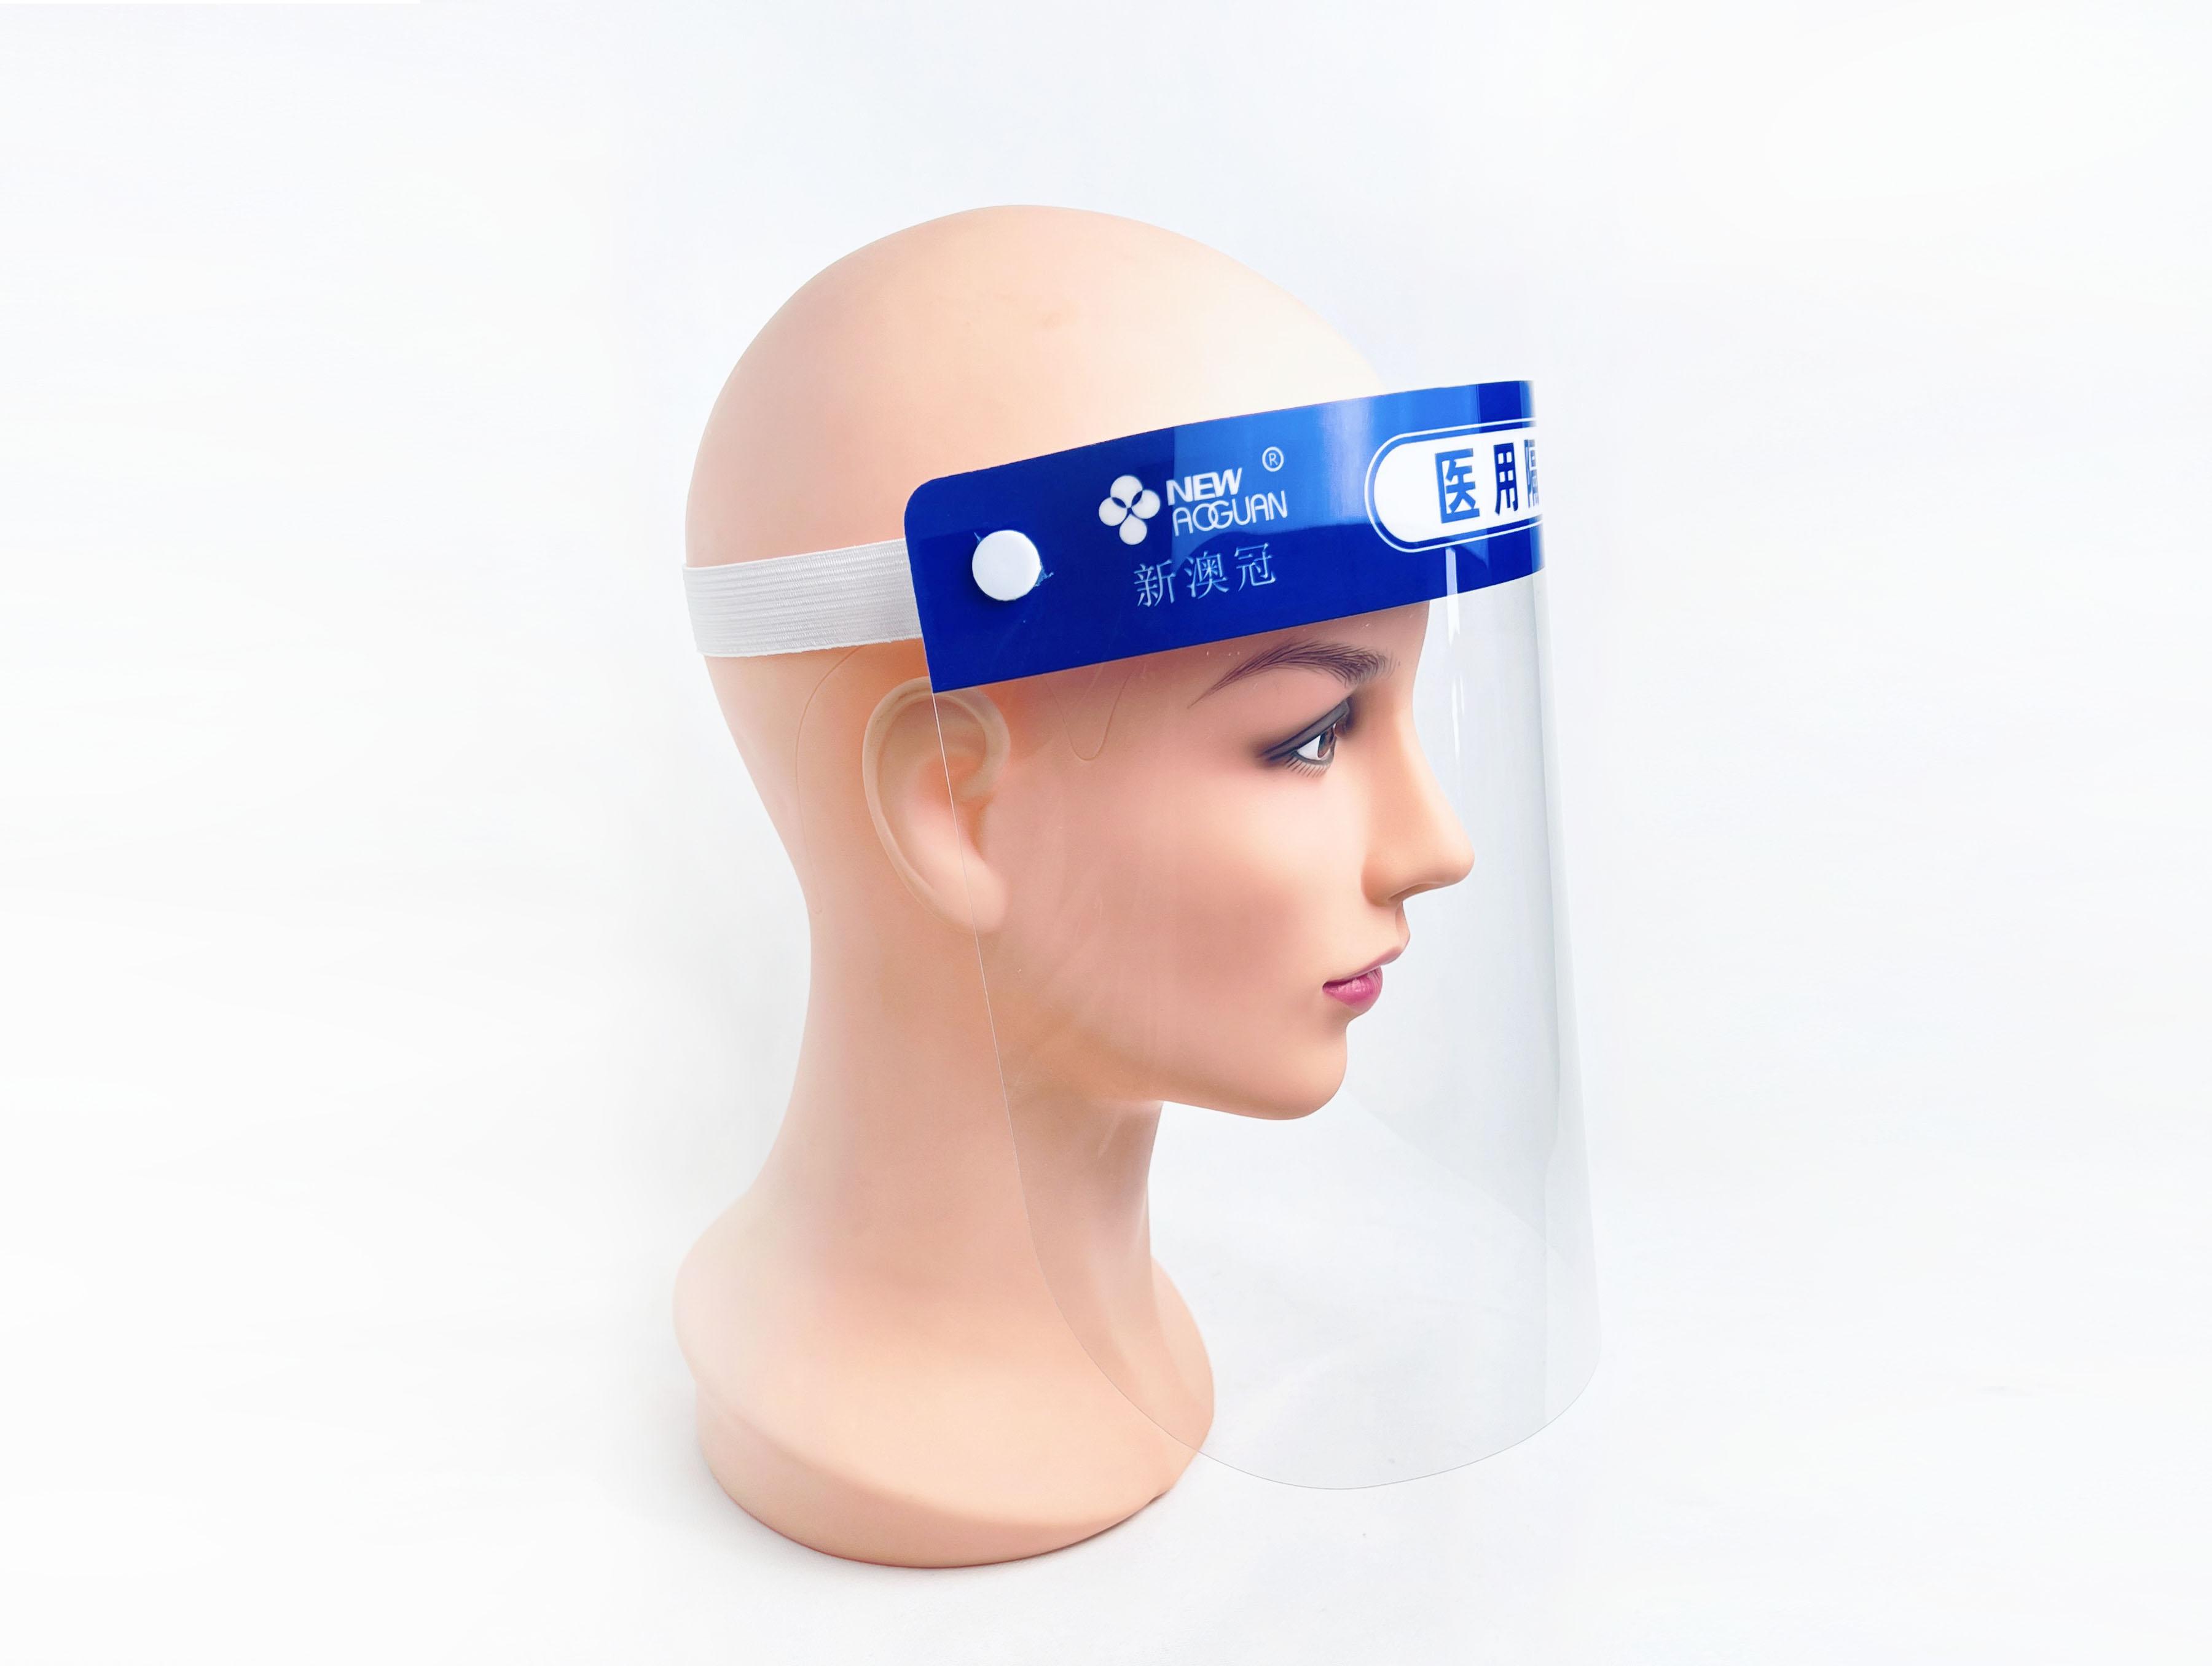 冷空氣突襲 防患于未然 升級版醫用隔離面罩守護您的健康生活!